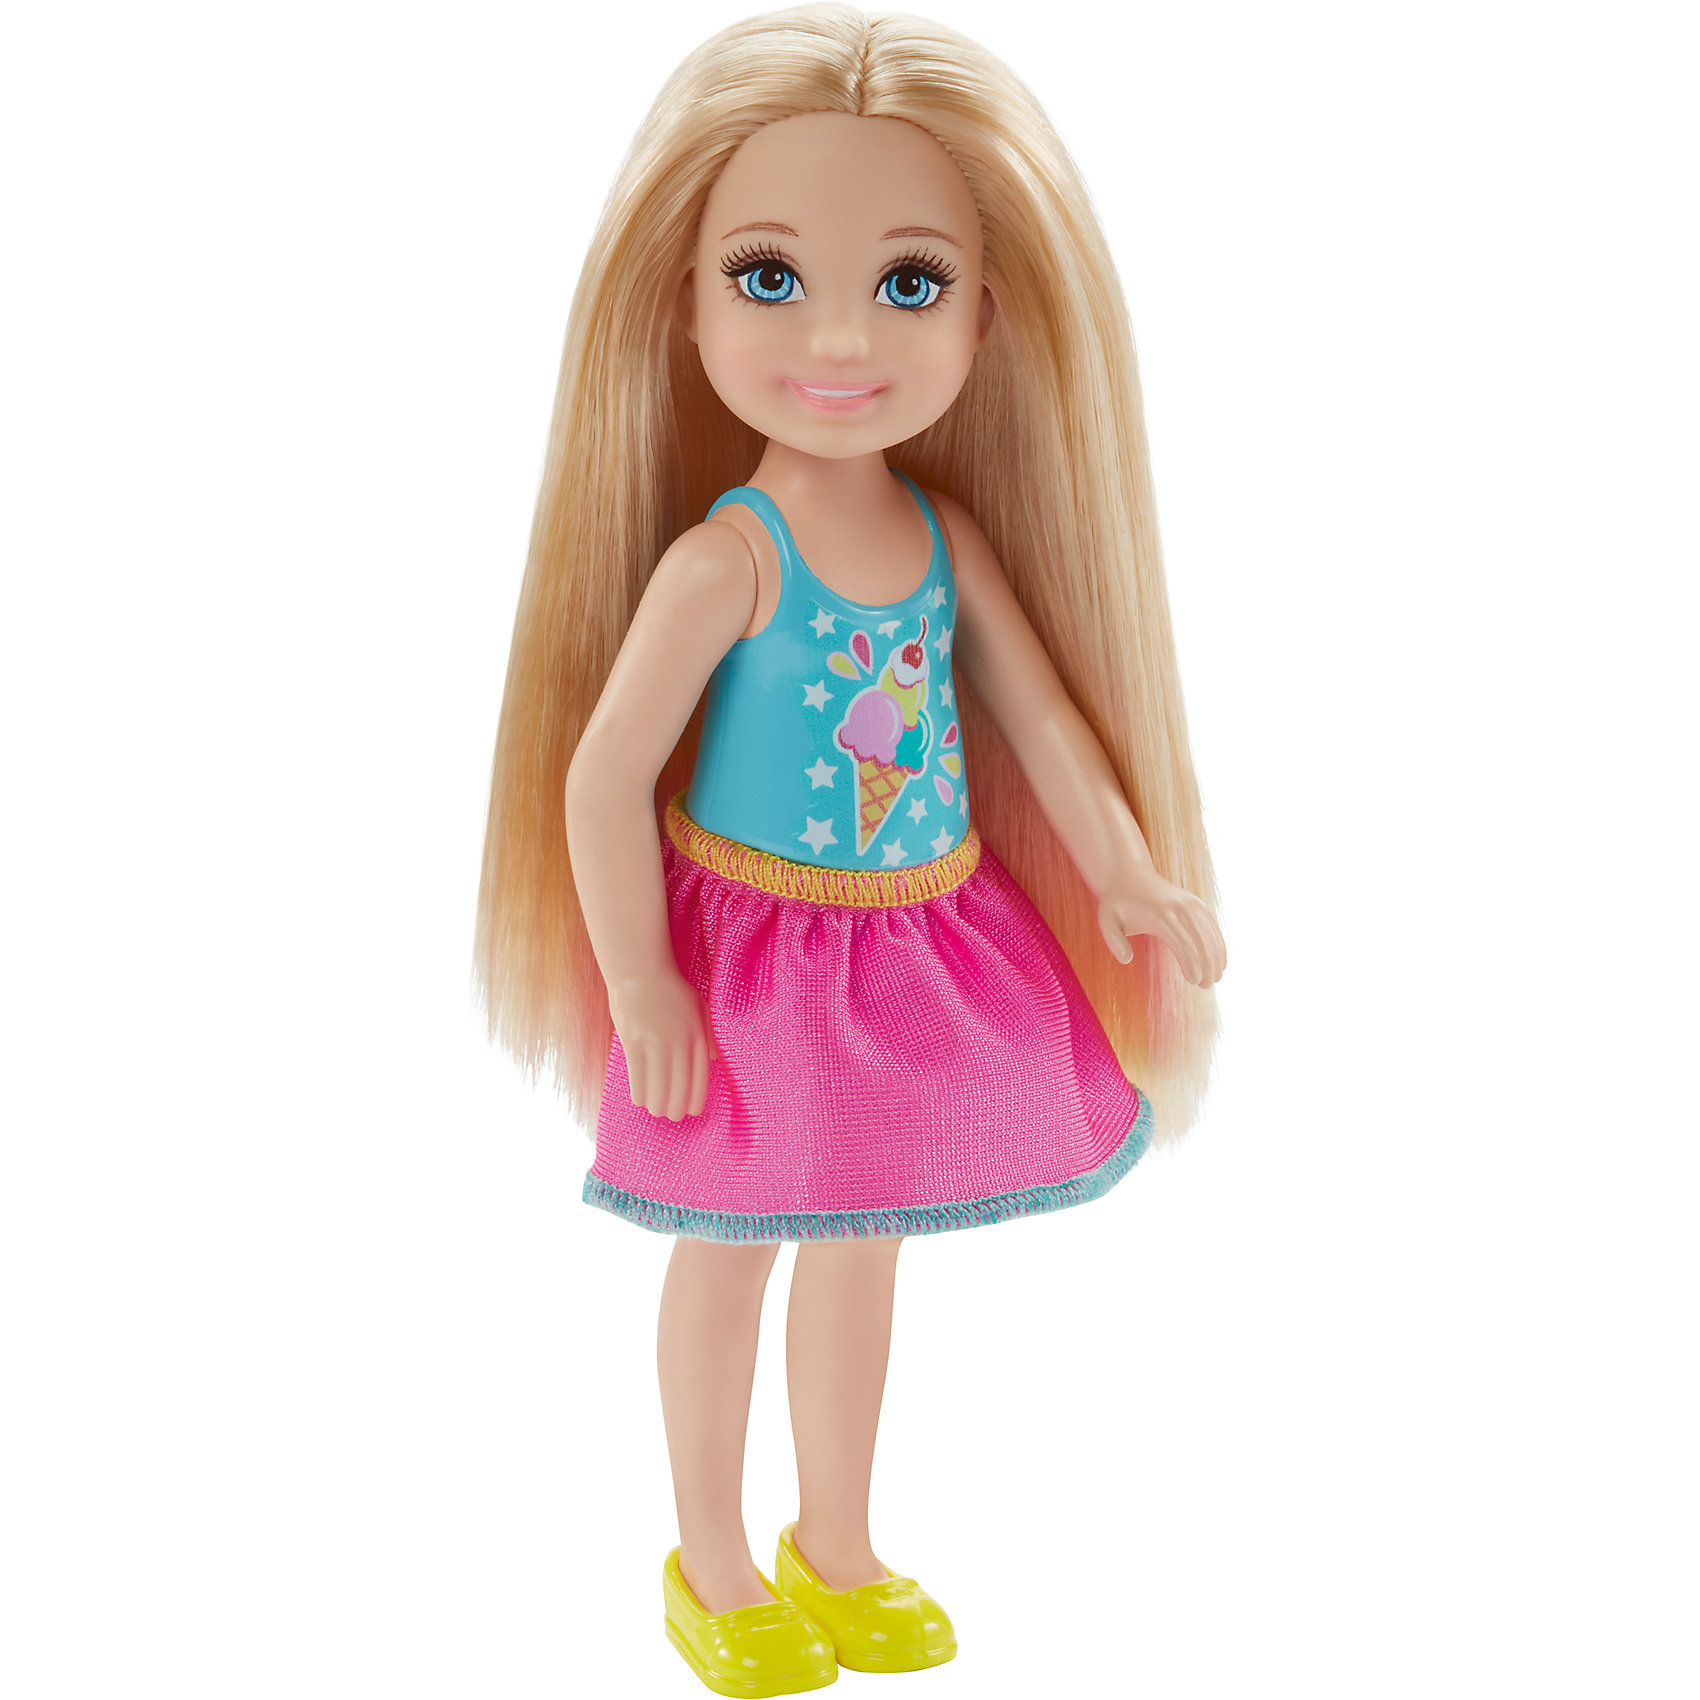 Кукла-Челси, BarbieBarbie<br>Характеристики товара:<br><br>• комплектация: 1 кукла, одежда, аксессуар<br>• материал: пластик, полимер, текстиль<br>• подвижные части тела<br>• высота куклы: 13,5 см<br>• длинные волосы<br>• возраст: от трех лет<br>• размер упаковки: 16х9х4 см<br>• вес: 0,3 кг<br>• страна бренда: США<br><br>Маленьких любительниц куклы Barbie наверняка порадует малышка Челси в новом образе. Она выглядит очаровательно в ярком наряде. Длинные волосы позволяют делать разнообразные прически! Кукла дополнена аксессуаром, чтобы игры с ней стали разнообразнее. Эта Челси станет великолепным подарком для девочек!<br><br>Игры с куклами помогают развить у девочек вкус и чувство стиля, отработать сценарии поведения в обществе, развить воображение и мелкую моторику. Такую куклу удобно брать с собой в поездки и на прогулки. Маленькая Челси от бренда Mattel не перестает быть популярной! <br><br>Куклу Челси, Barbie, от компании Mattel можно купить в нашем интернет-магазине.<br><br>Ширина мм: 90<br>Глубина мм: 40<br>Высота мм: 160<br>Вес г: 73<br>Возраст от месяцев: 36<br>Возраст до месяцев: 120<br>Пол: Женский<br>Возраст: Детский<br>SKU: 5389669